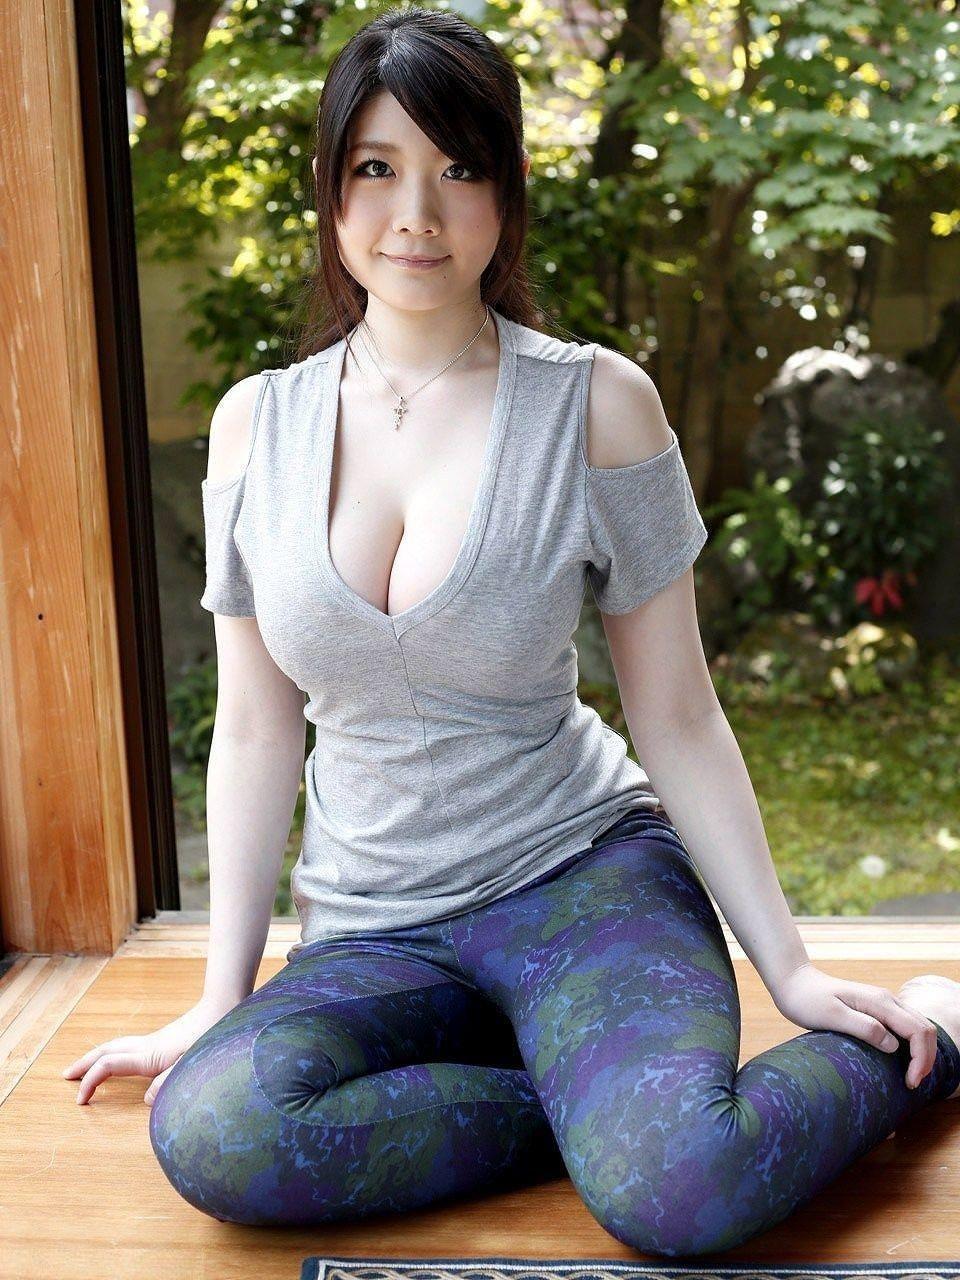 ムチムチのぽっちゃりの着衣 9